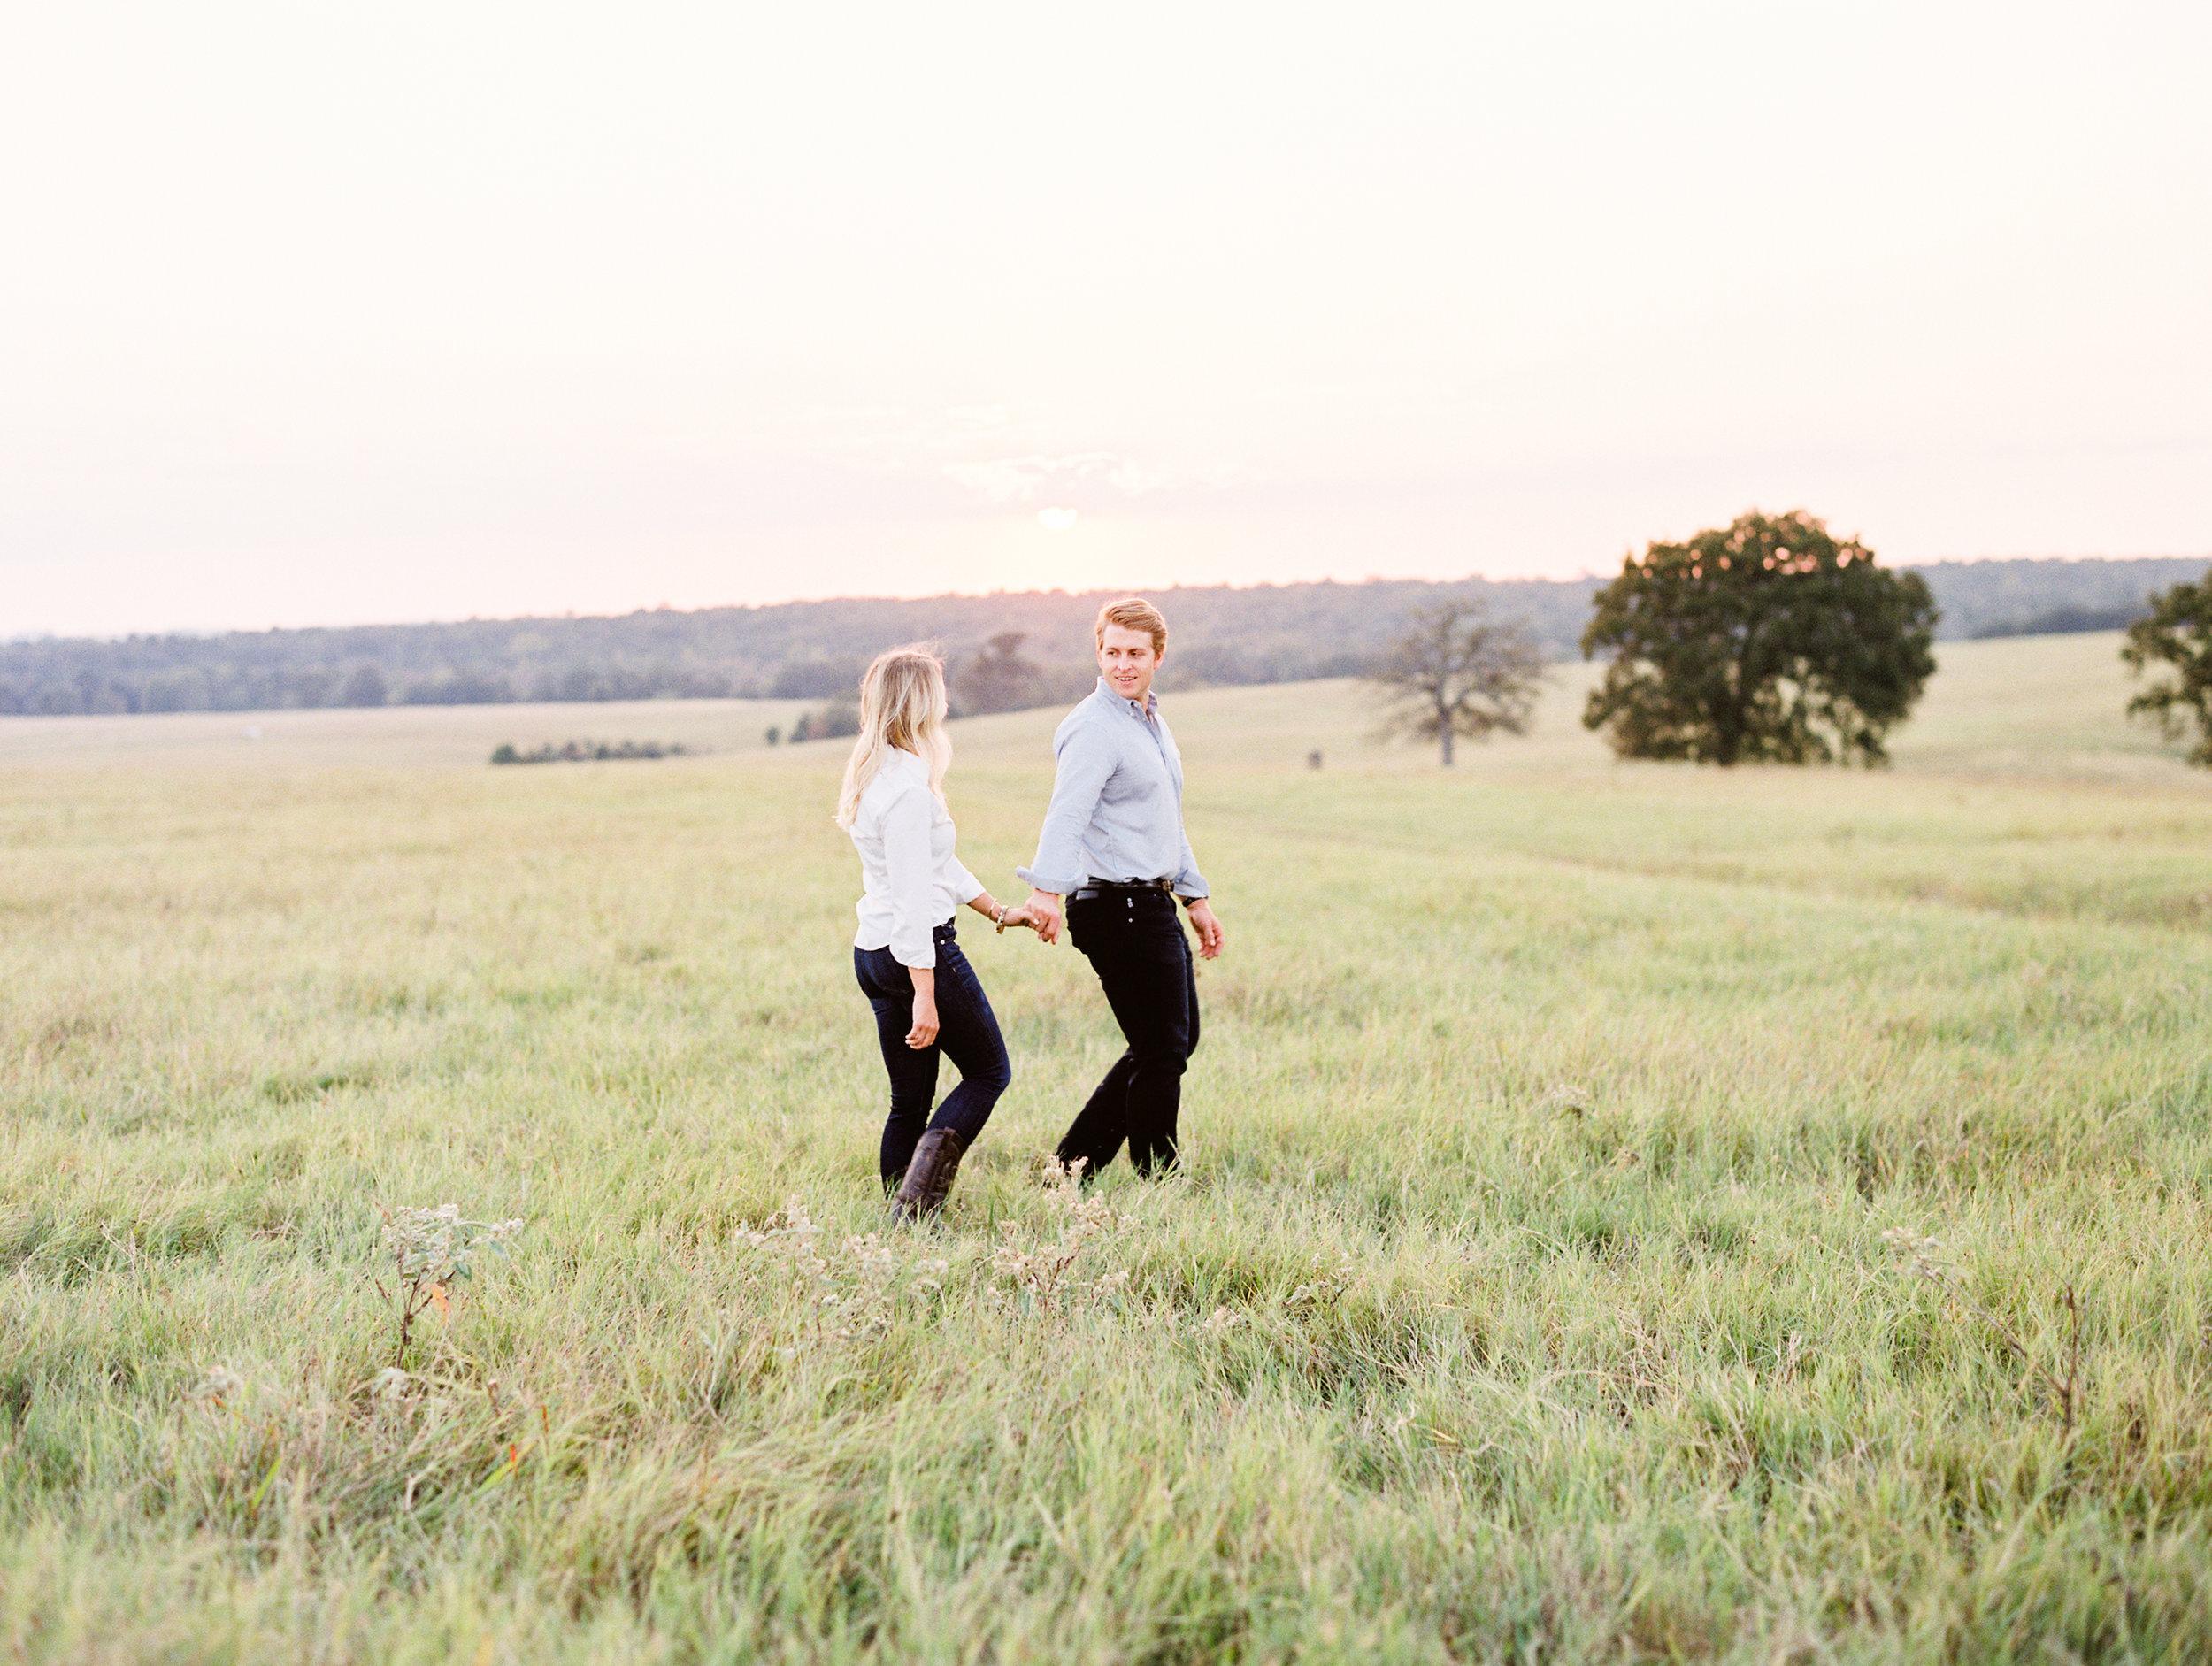 Lauren+John+Engaged+TX-113.jpg